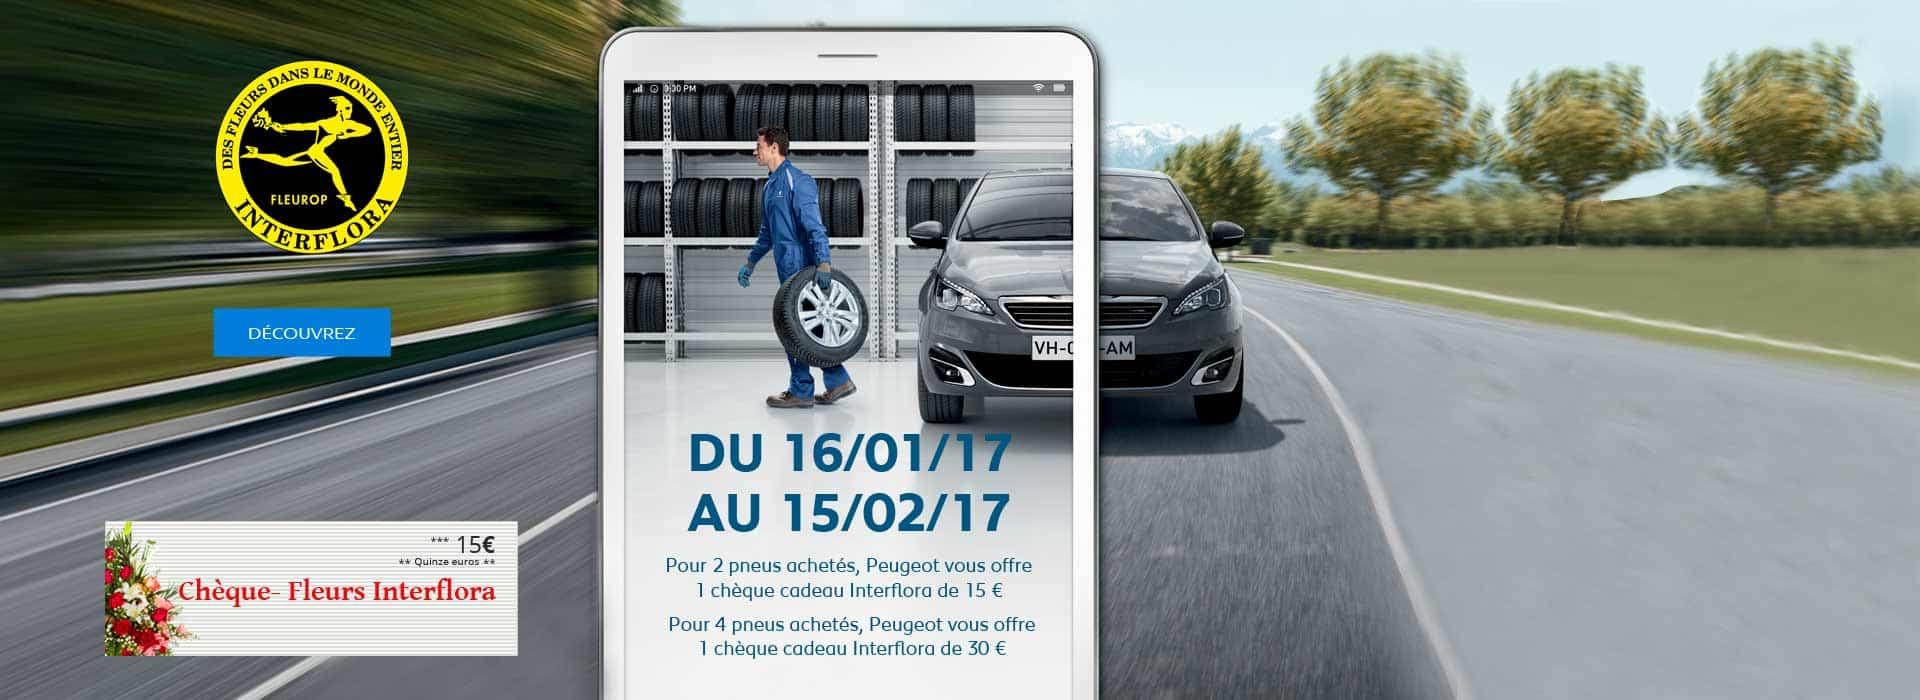 Peugeot urrugne concessionnaire garage pyr n es for Garage peugeot urrugne